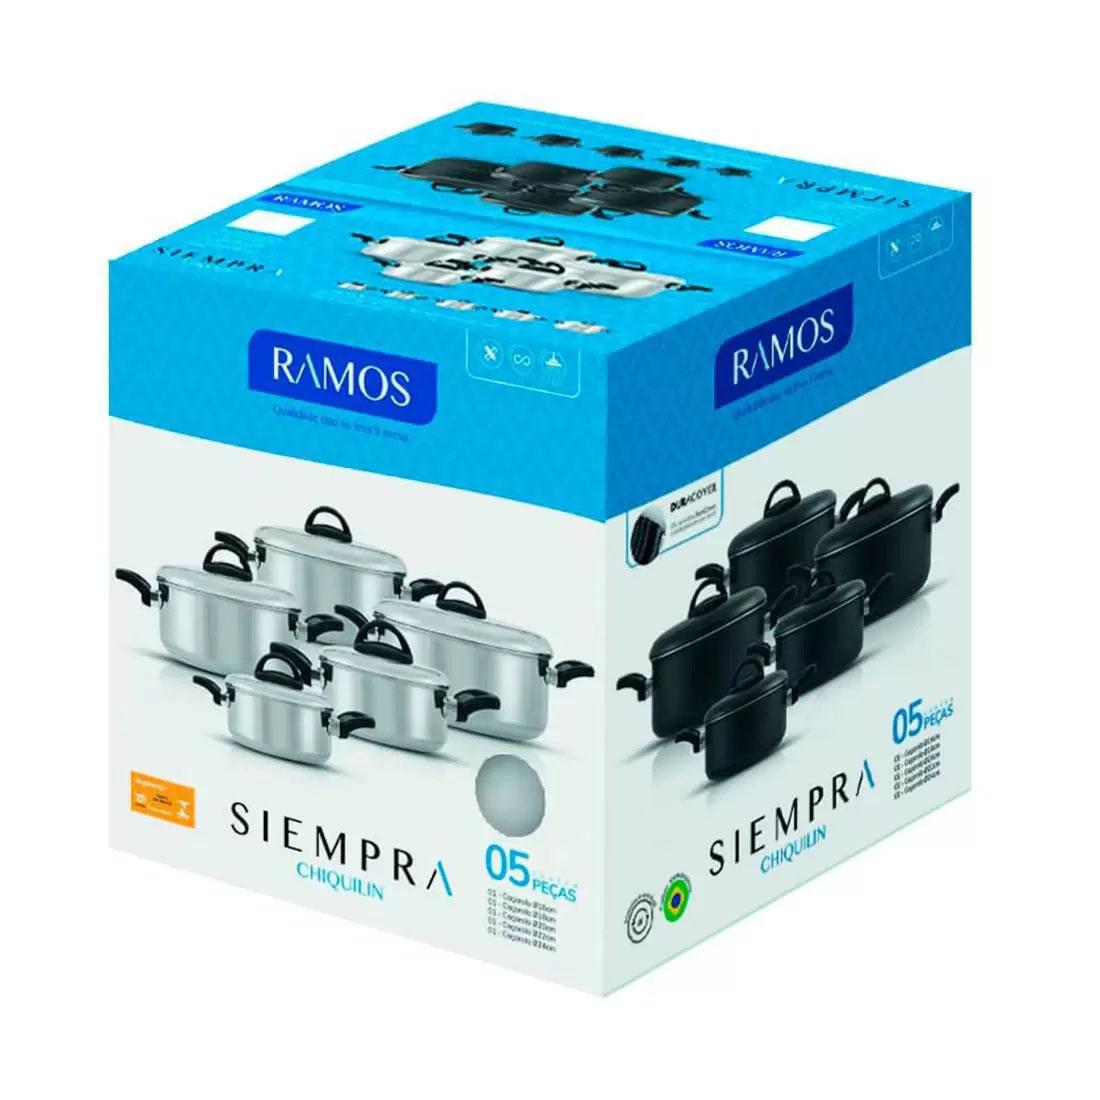 Conjunto de Panelas Alumínio Ramos Siempra - Antiaderente 5 Peças